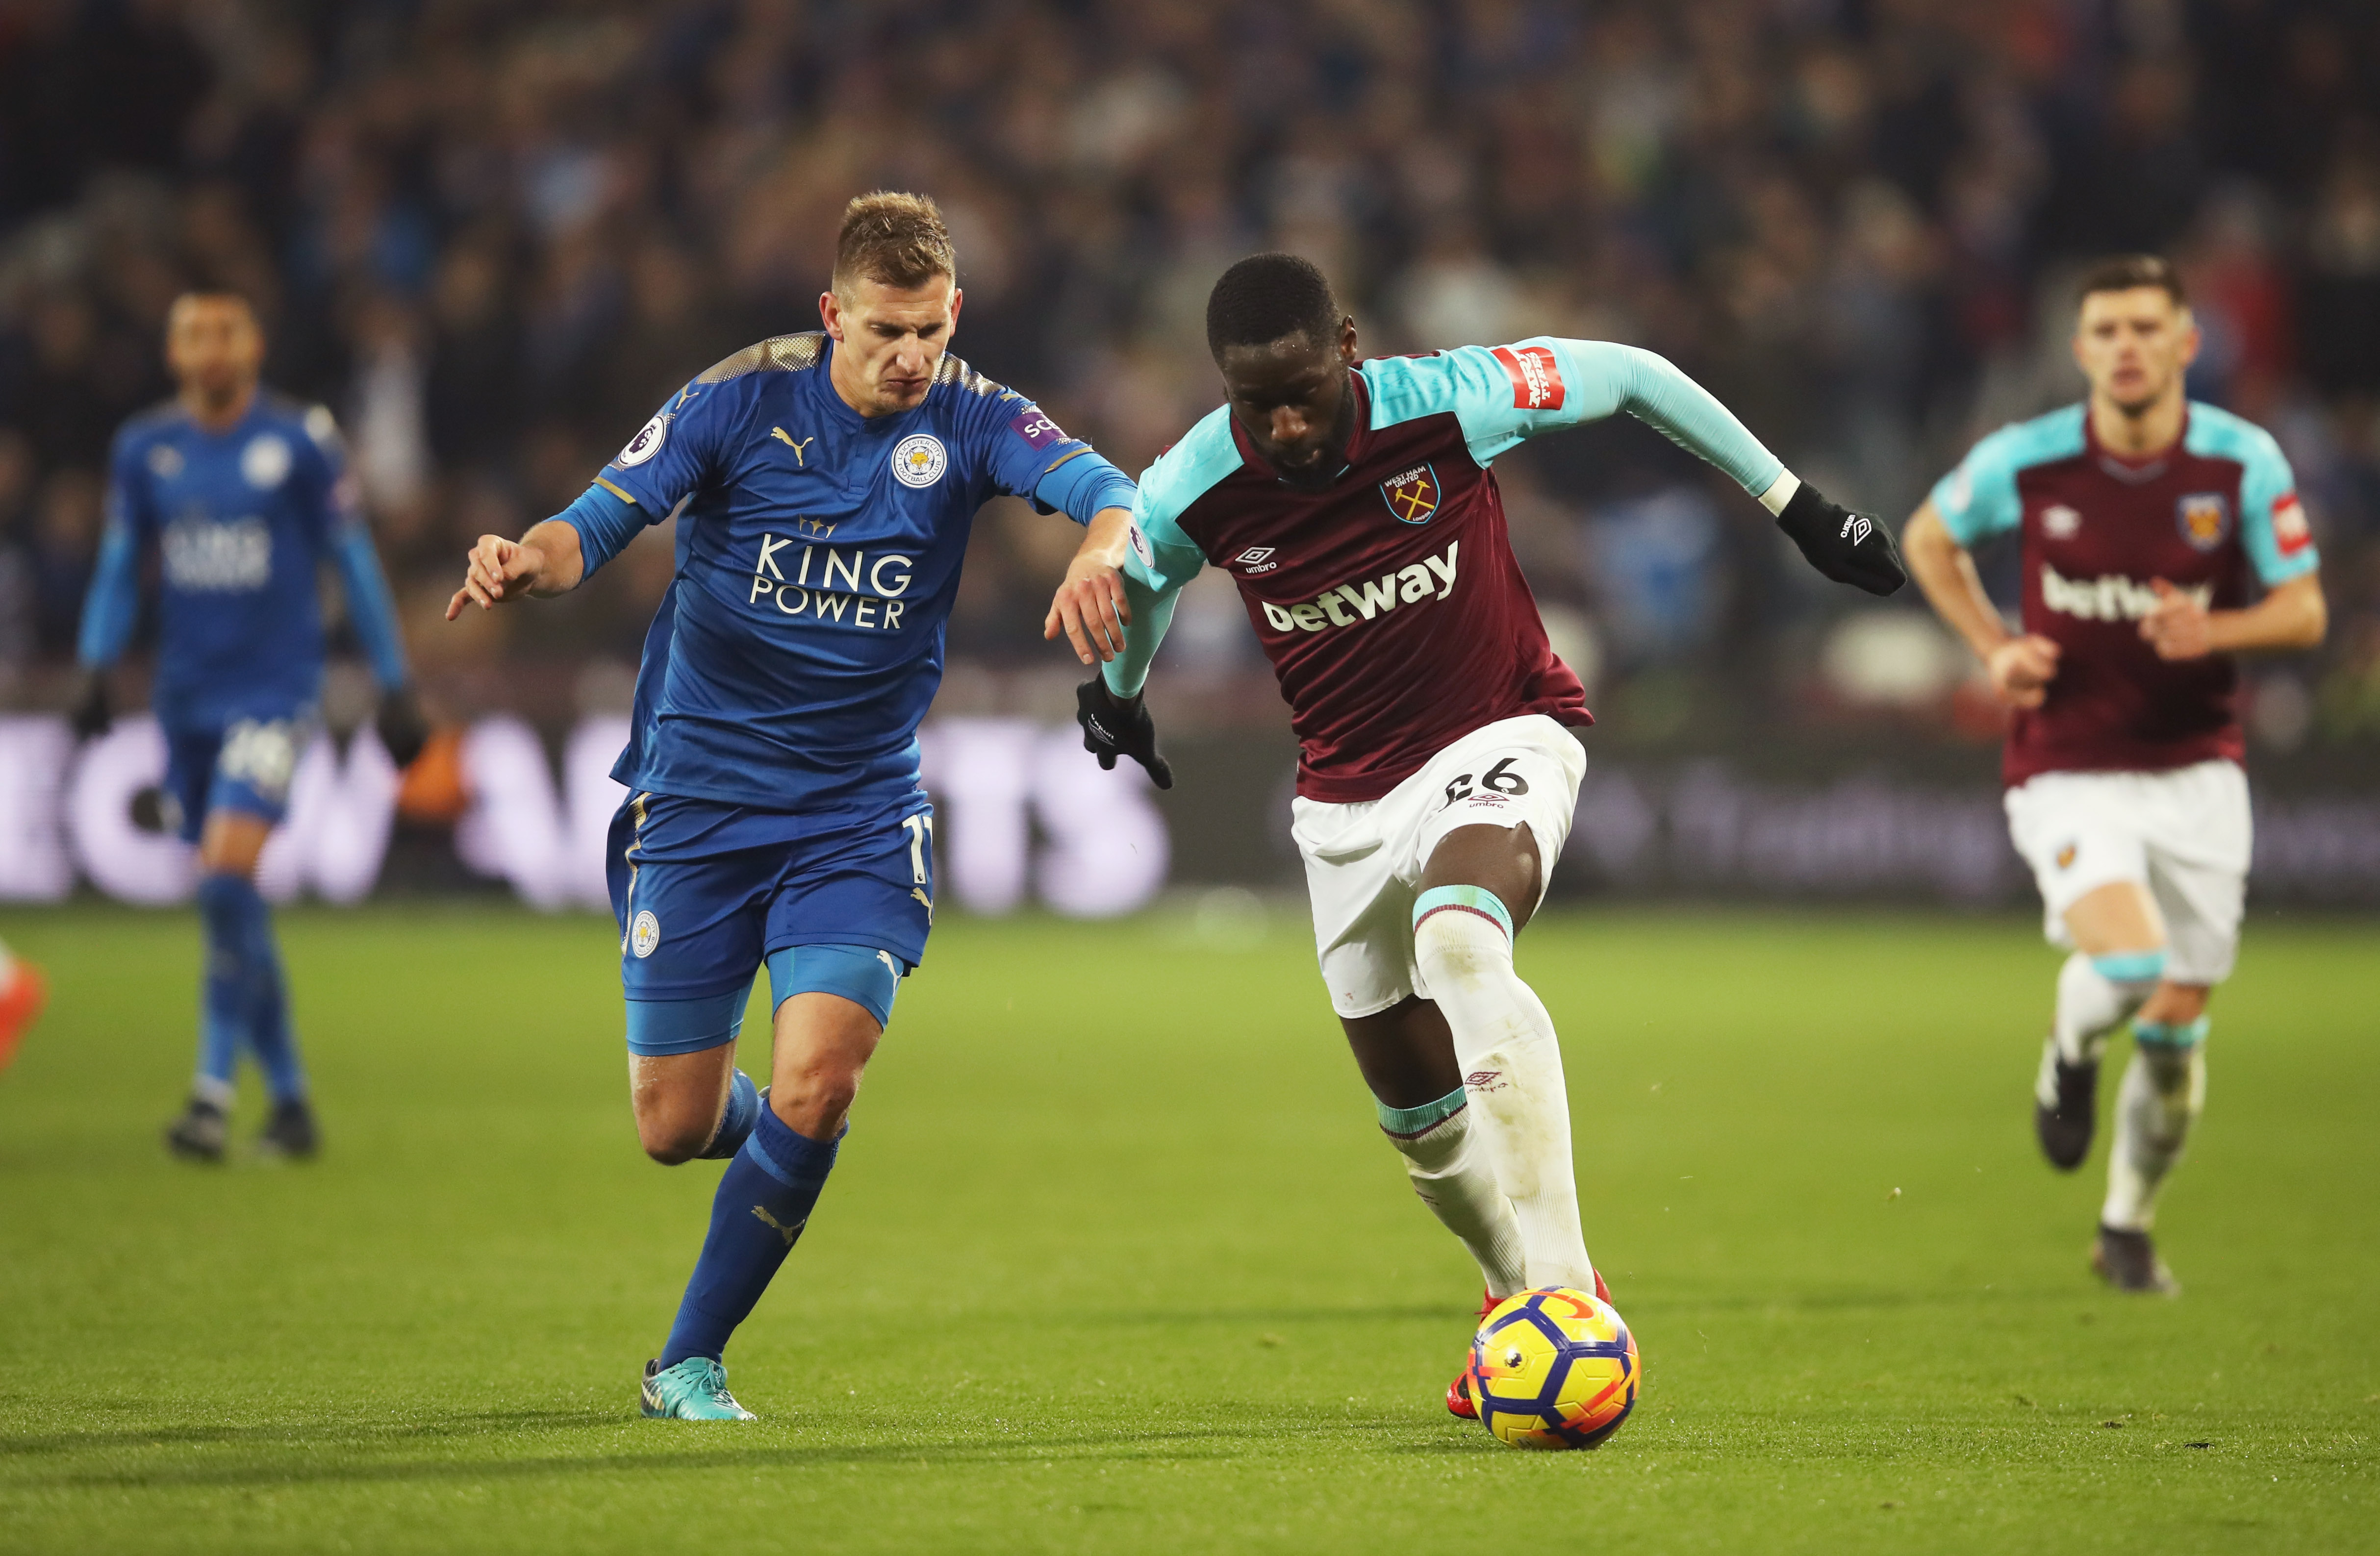 West Ham empató 1-1 ante Leicester en la Premiere League